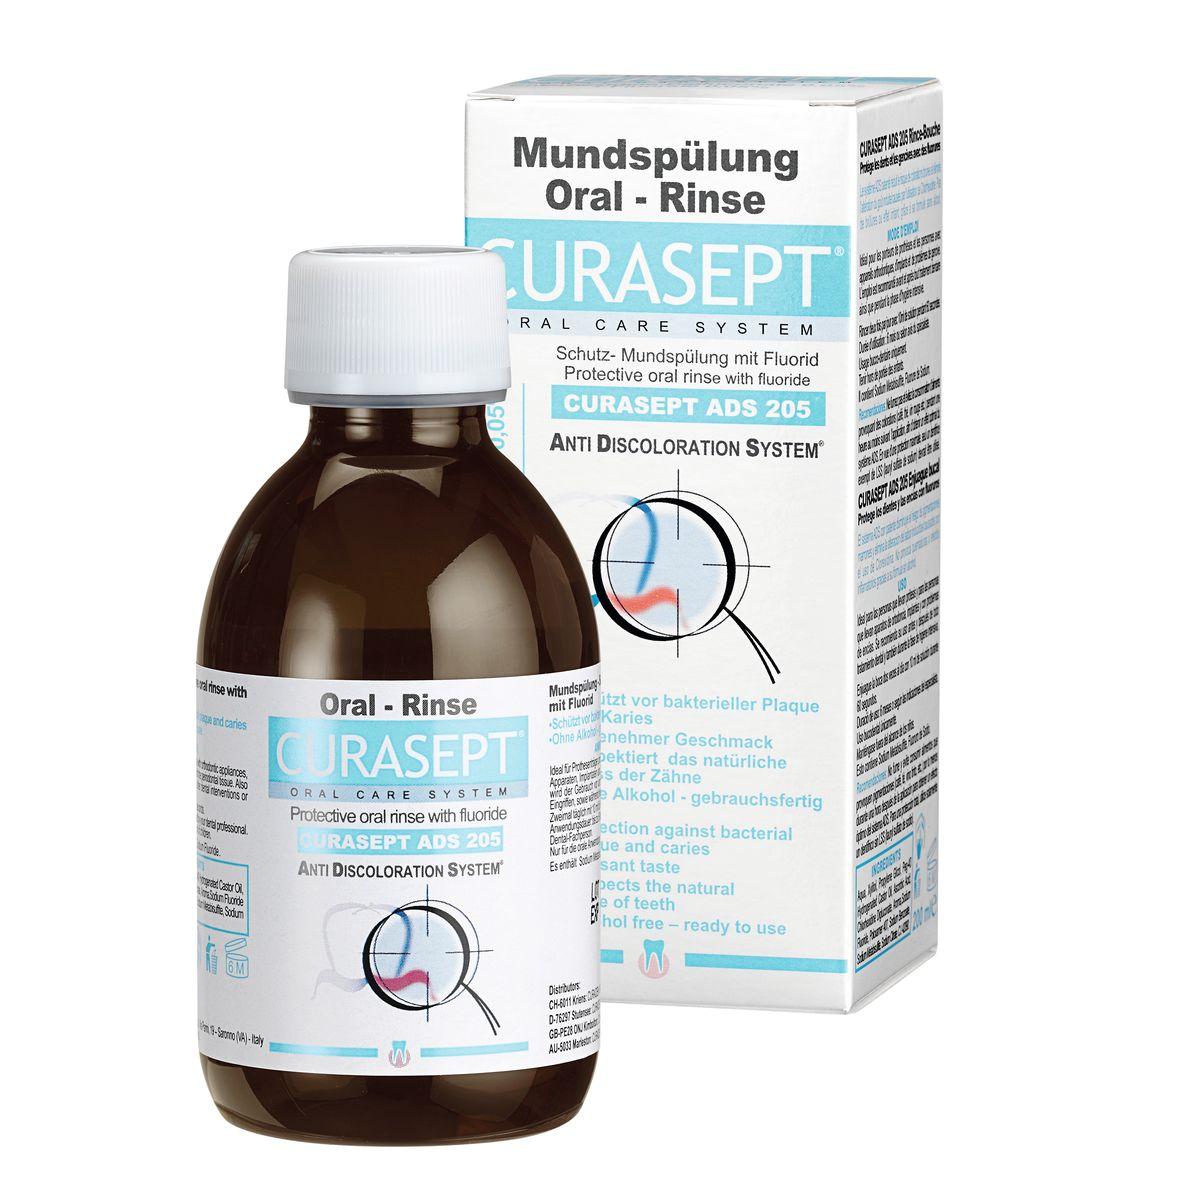 Curaden ADS 205 Жидкость-ополаскиватель, 0,05% хлоргексидина (200 мл)1104737735Используется в послеоперационный период. Предотвращает послеоперационные осложнения. Рекомендуется в качестве профилактического средства, использовать не более 3-х месяцев под контролем врача-стоматолога. Является вспомогательным средством для поддержания гигиены во время лечения брекет-системой. Снижает образование зубного налета. Не изменяет цвет эмали зубов, не окрашивает.Номинальное количество: 200мл.